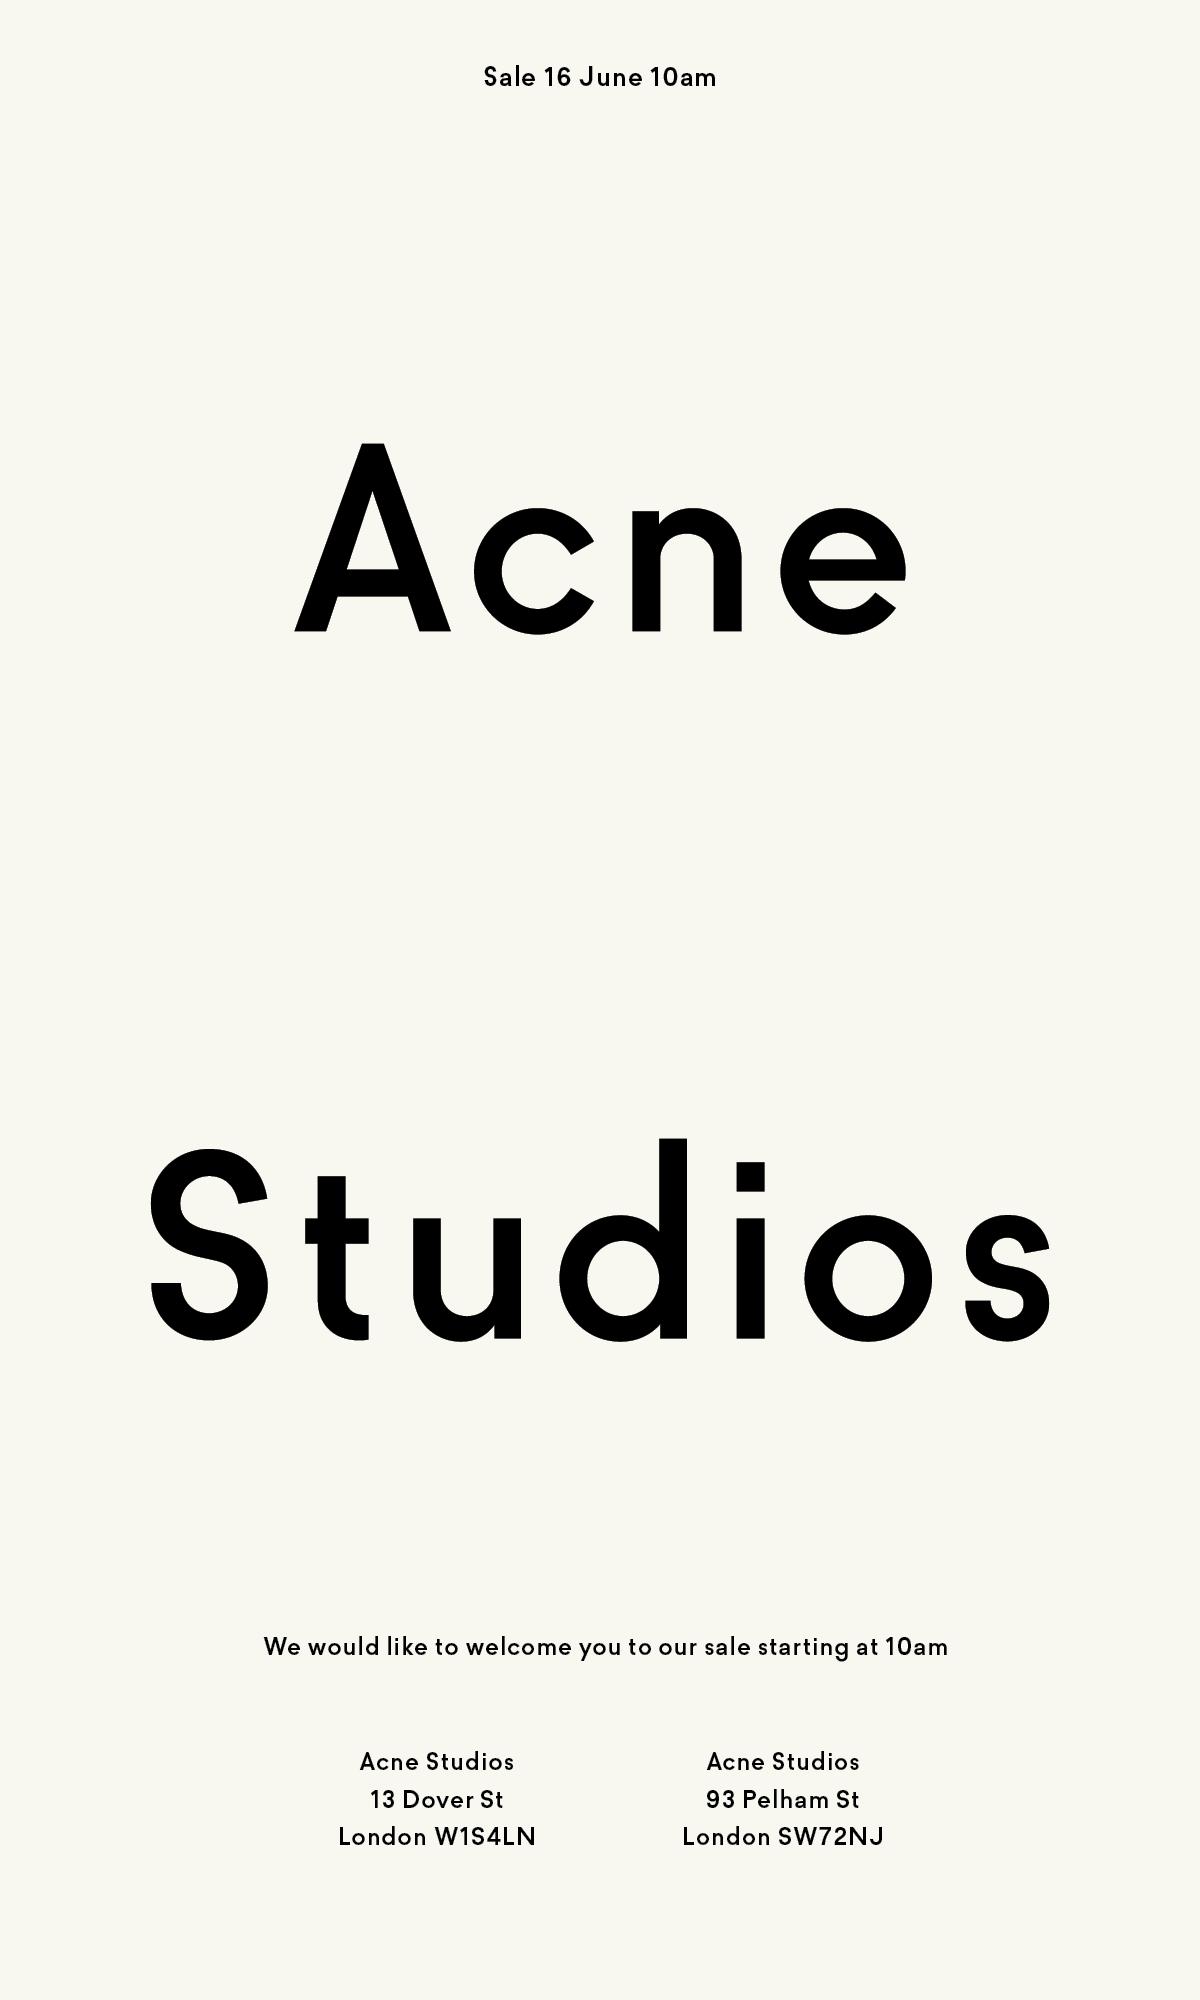 acne_studios_sale